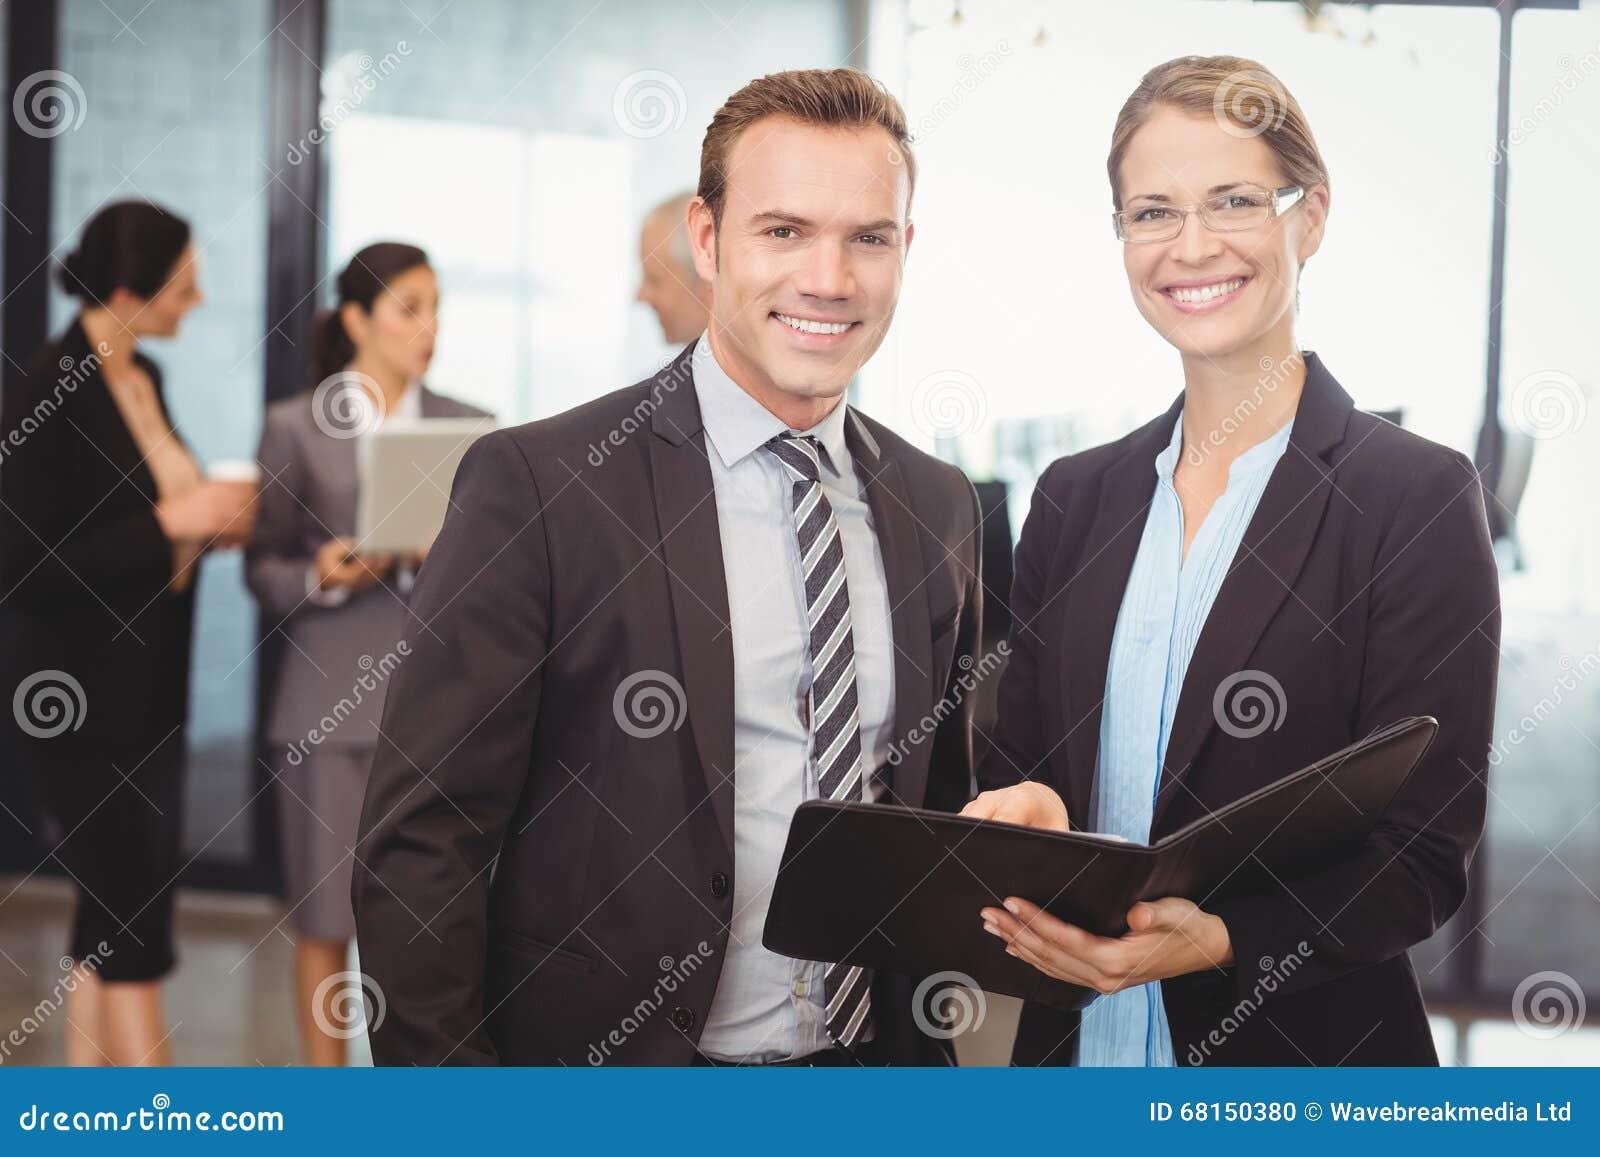 Site de rencontre des femmes d'affaires